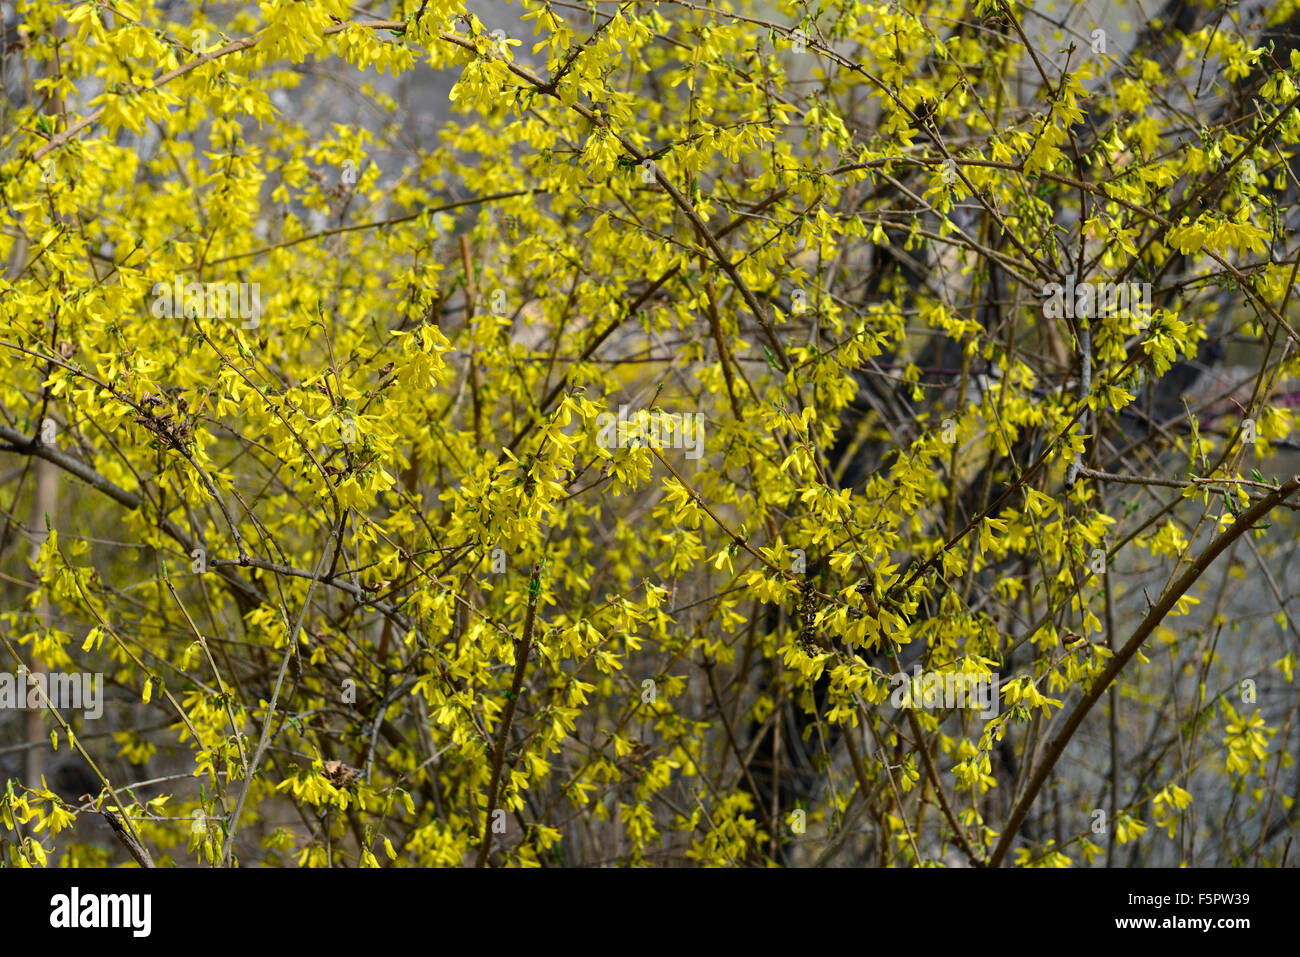 Coltivazione suspensa vahl pianto di forsitia golden-bell di giallo fiore fiori fioritura albero arbusto floreale Immagini Stock